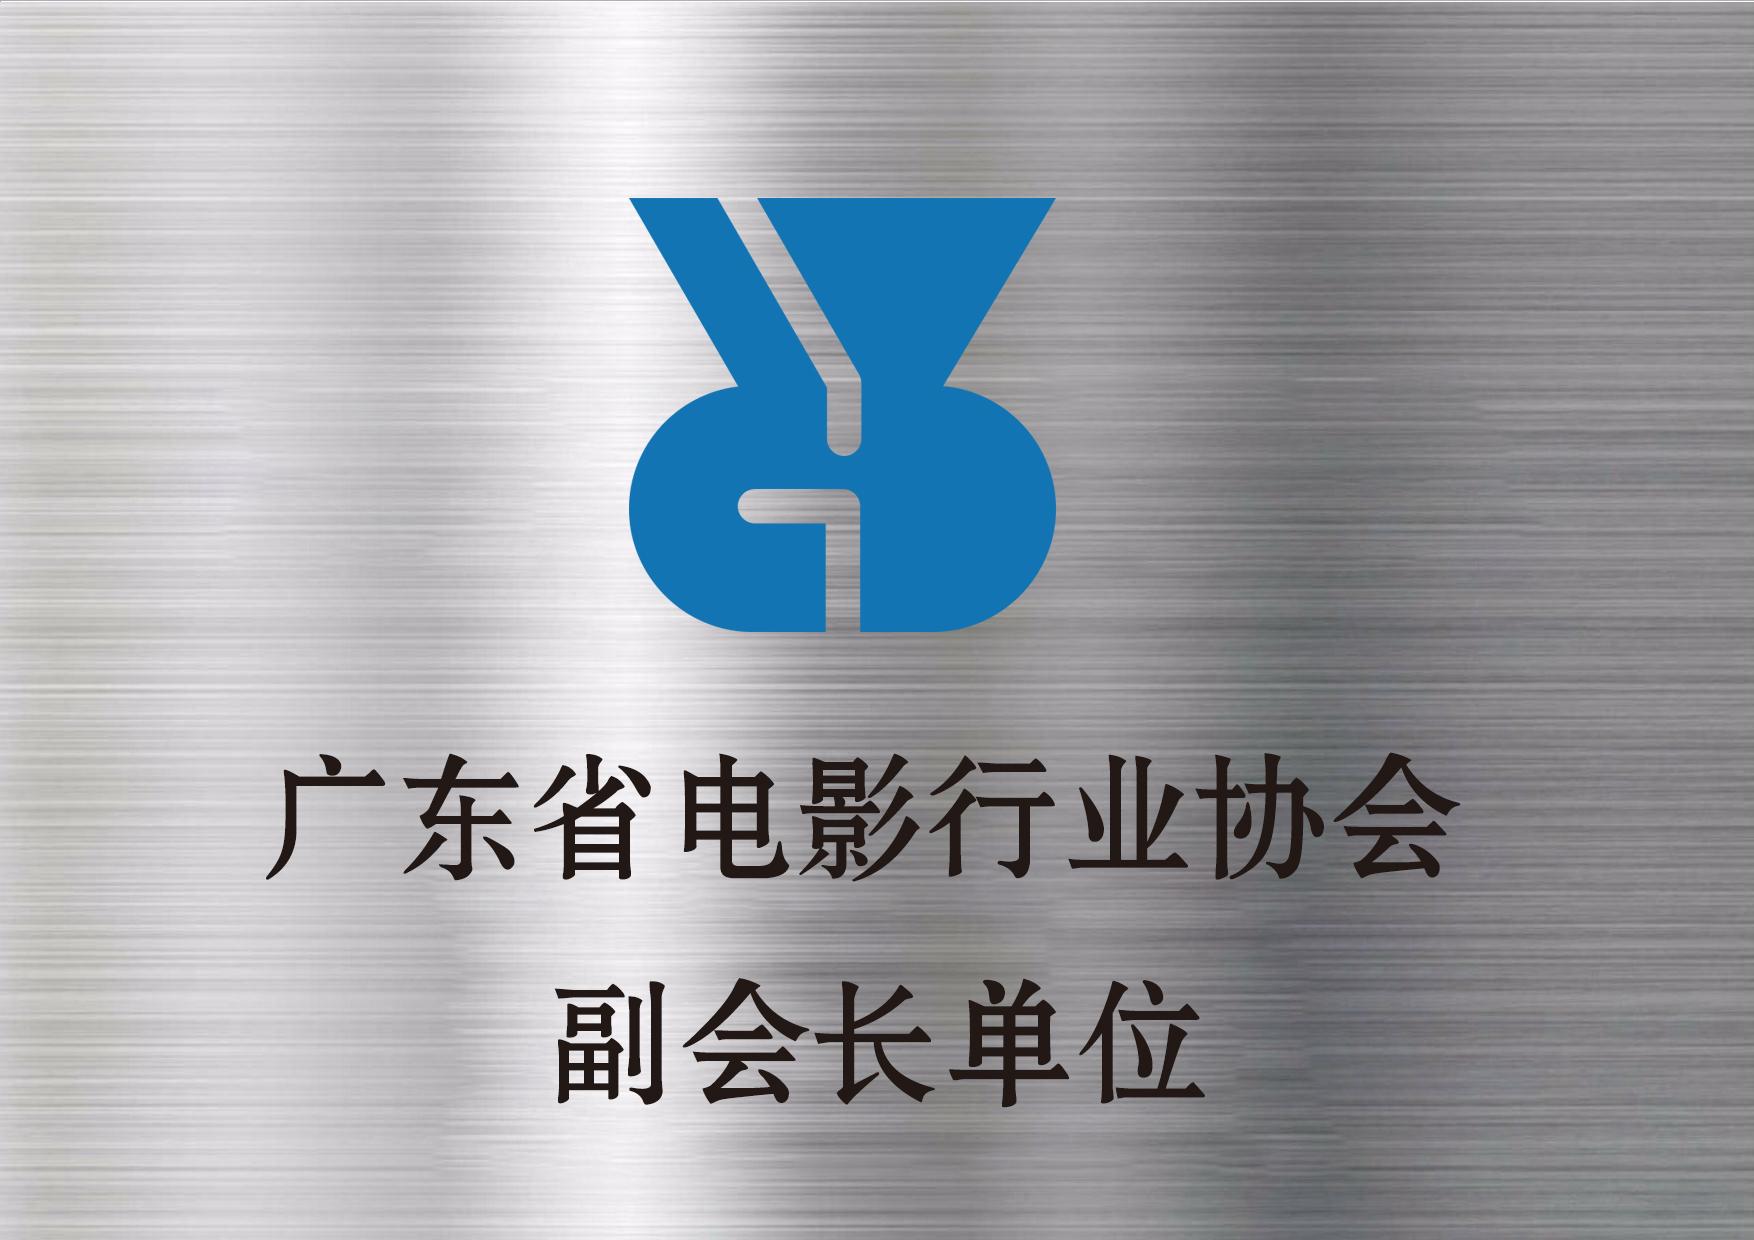 廣東省電影協會